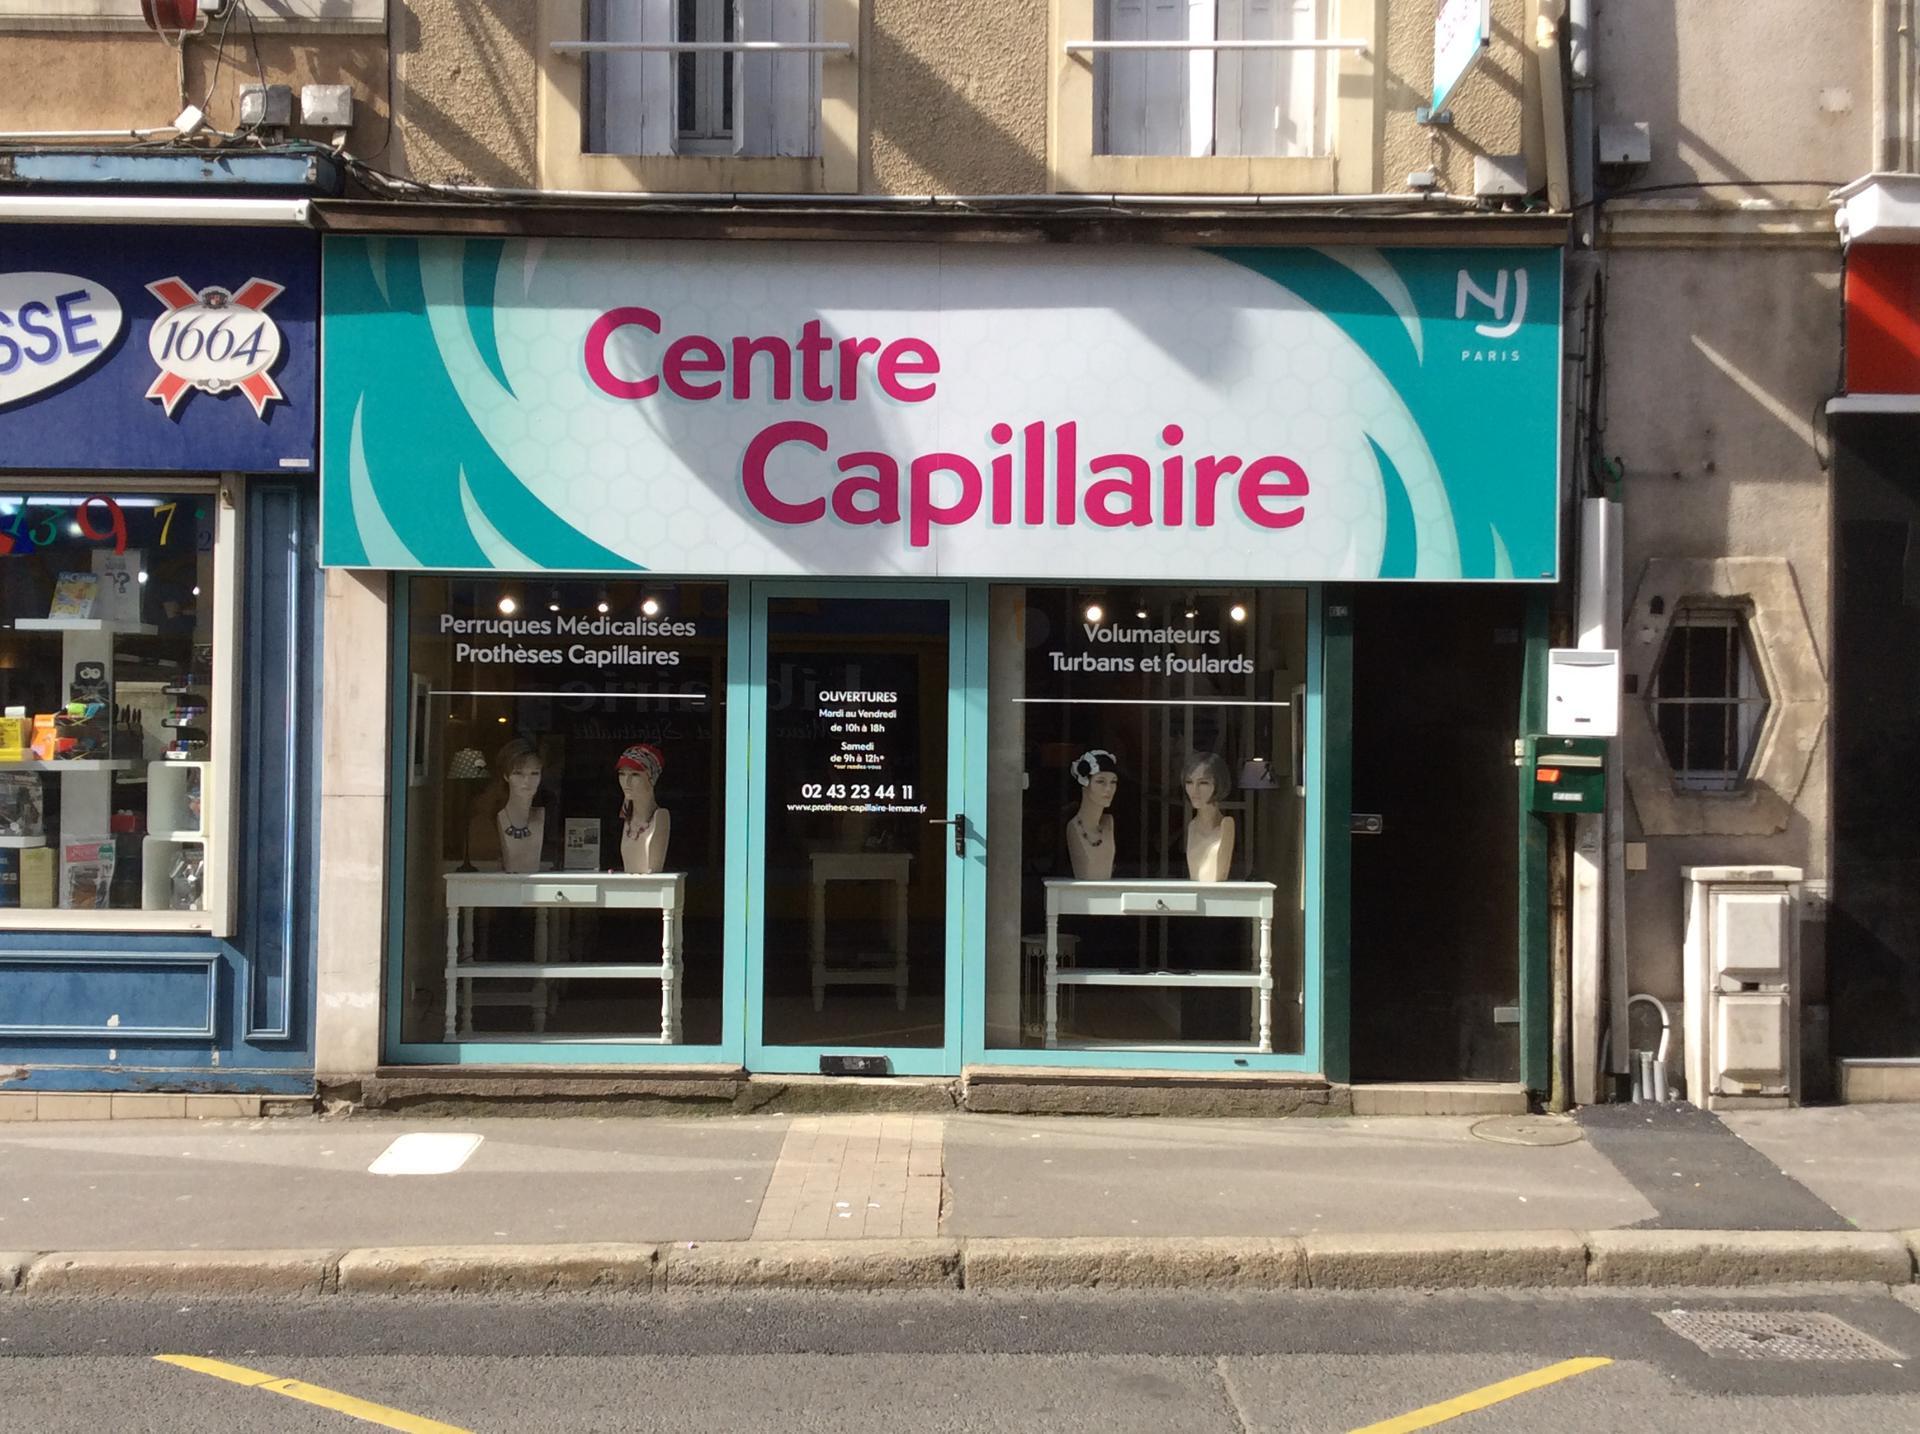 Centre Technique Capillaire perruque et postiche